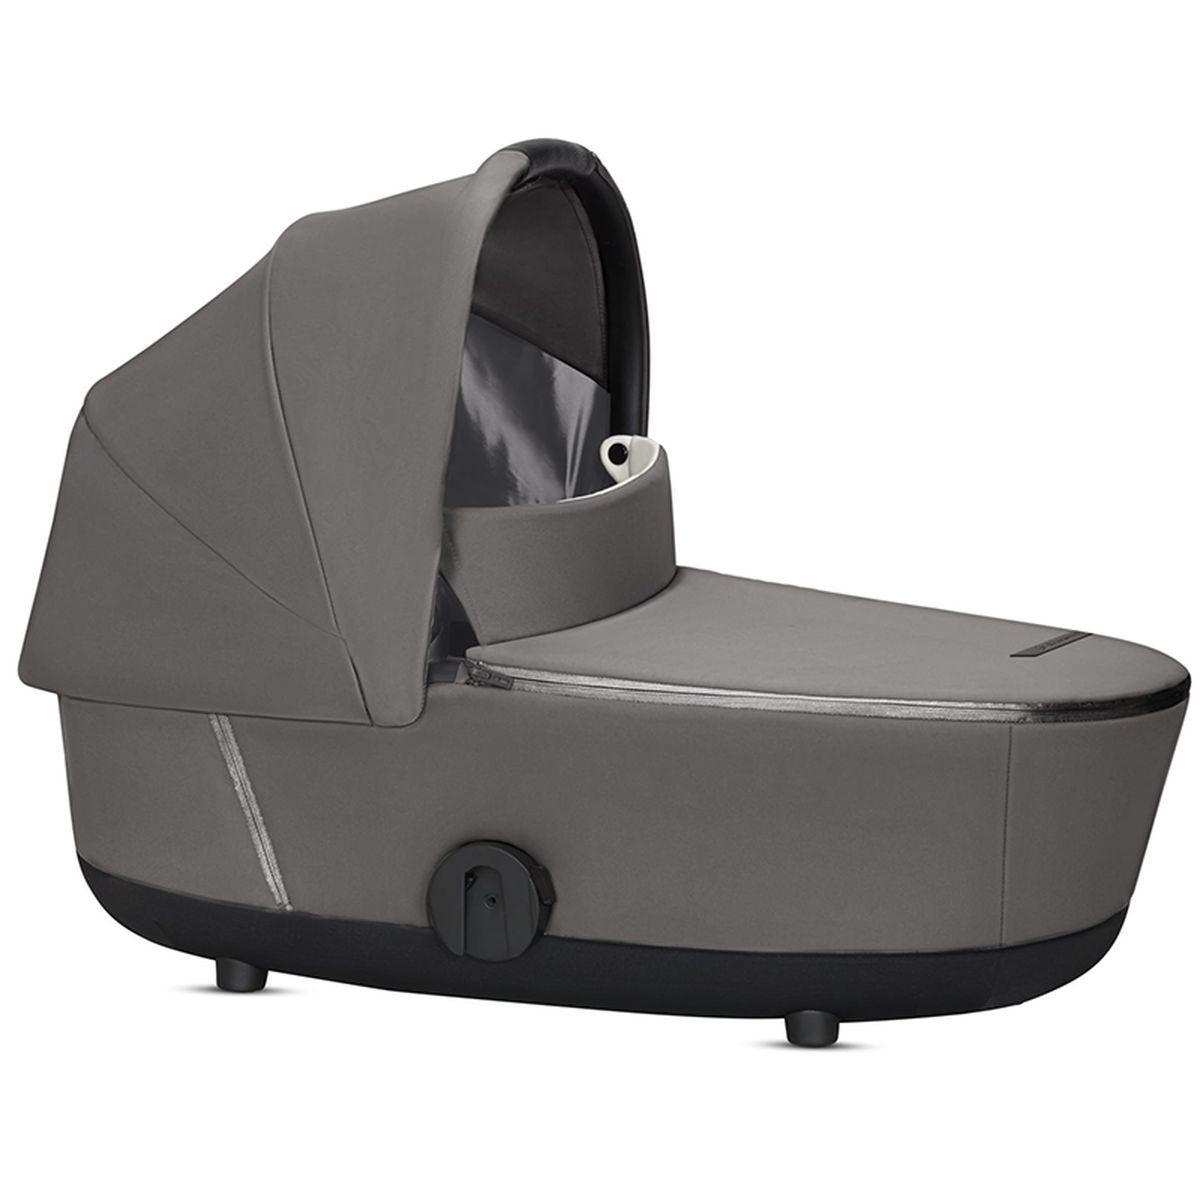 Capazo de luxe MIOS Cybex manhattan grey-mid grey